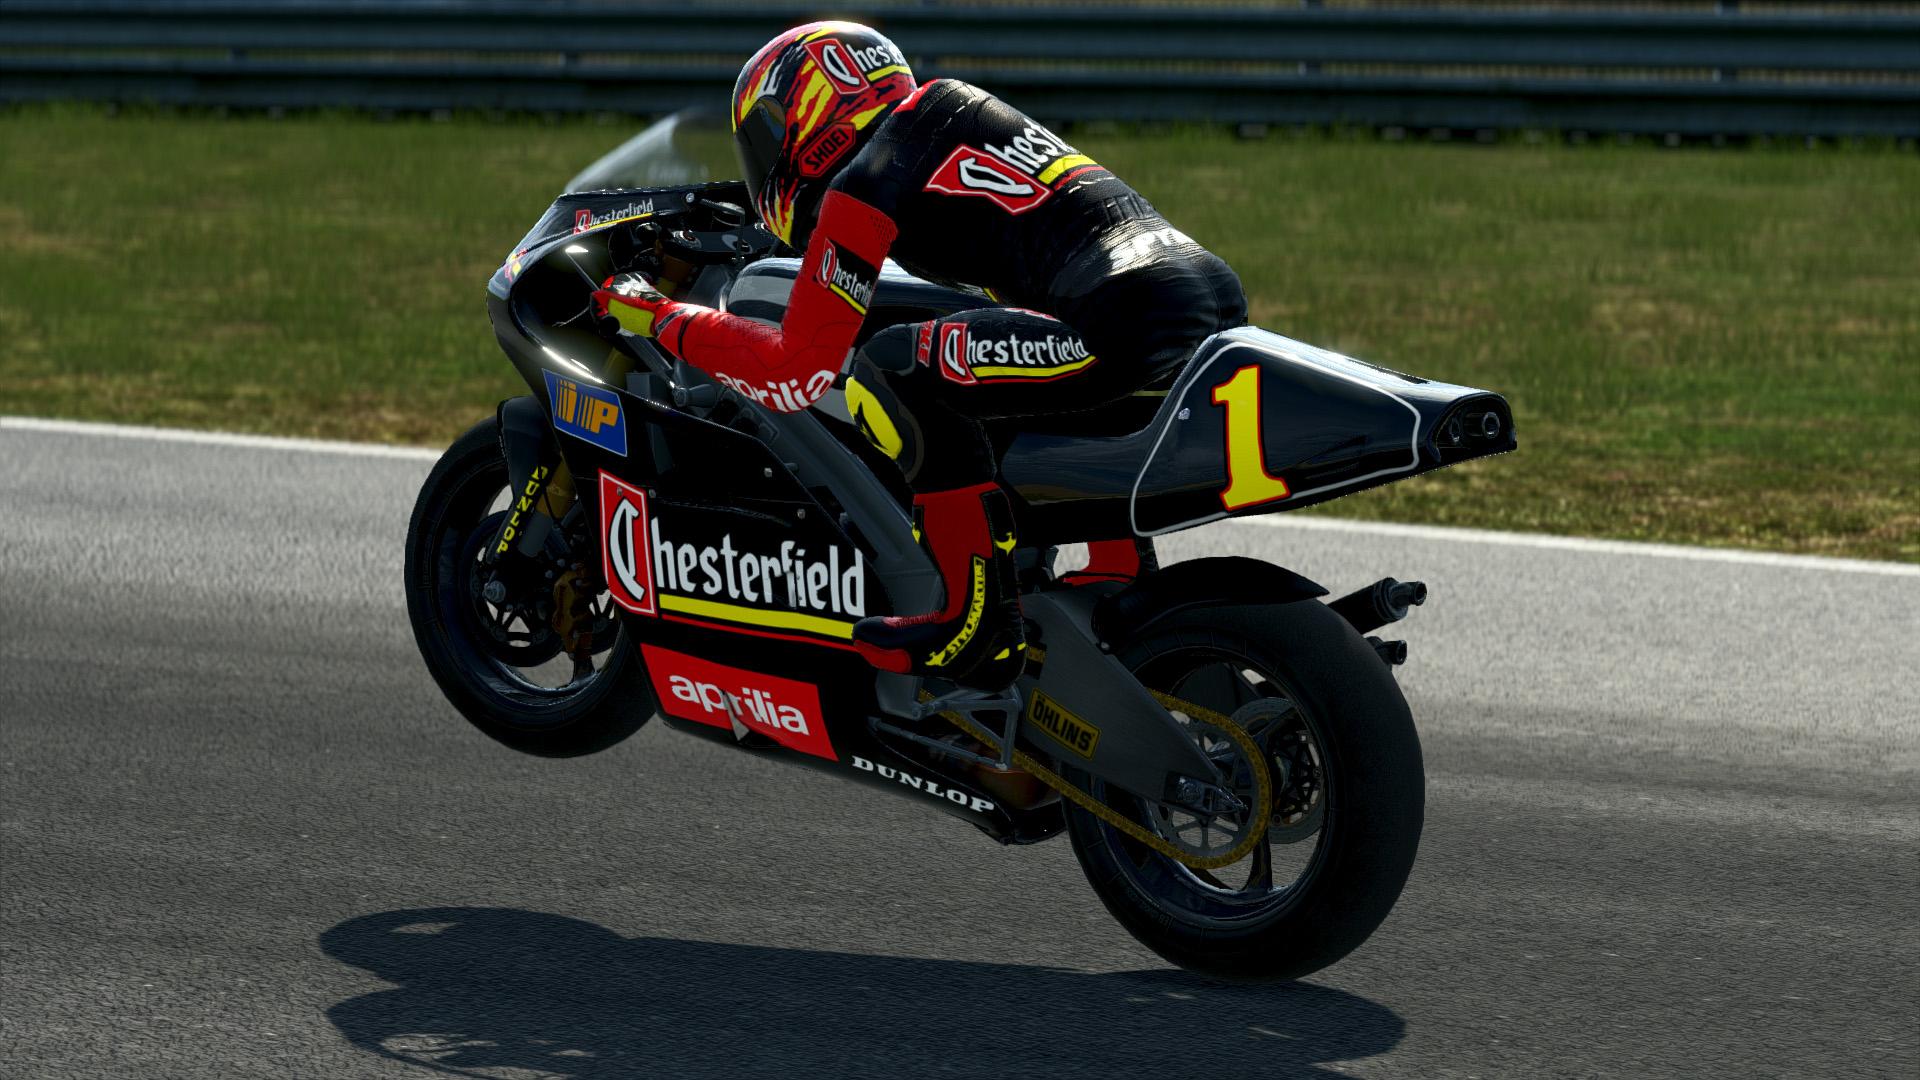 MotoGP14X64.exe_DX11_20140726_133326.jpg